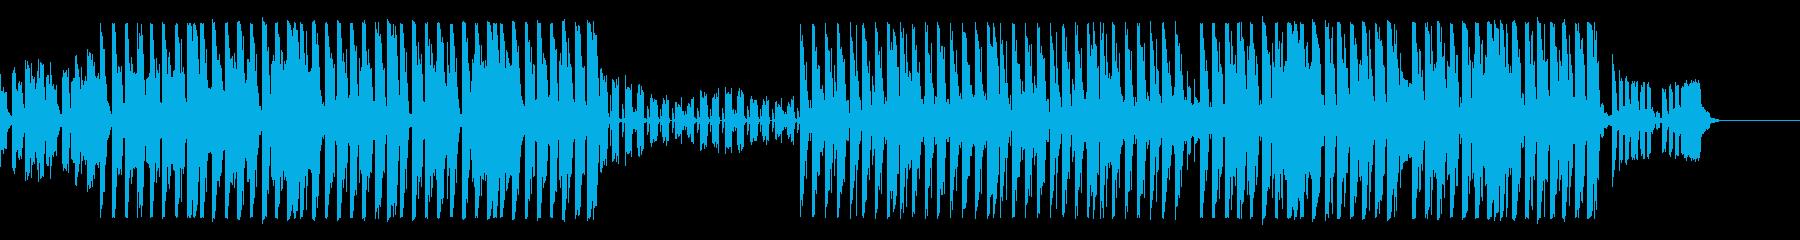 【Ba抜】可愛らしい雰囲気のピアノEDMの再生済みの波形